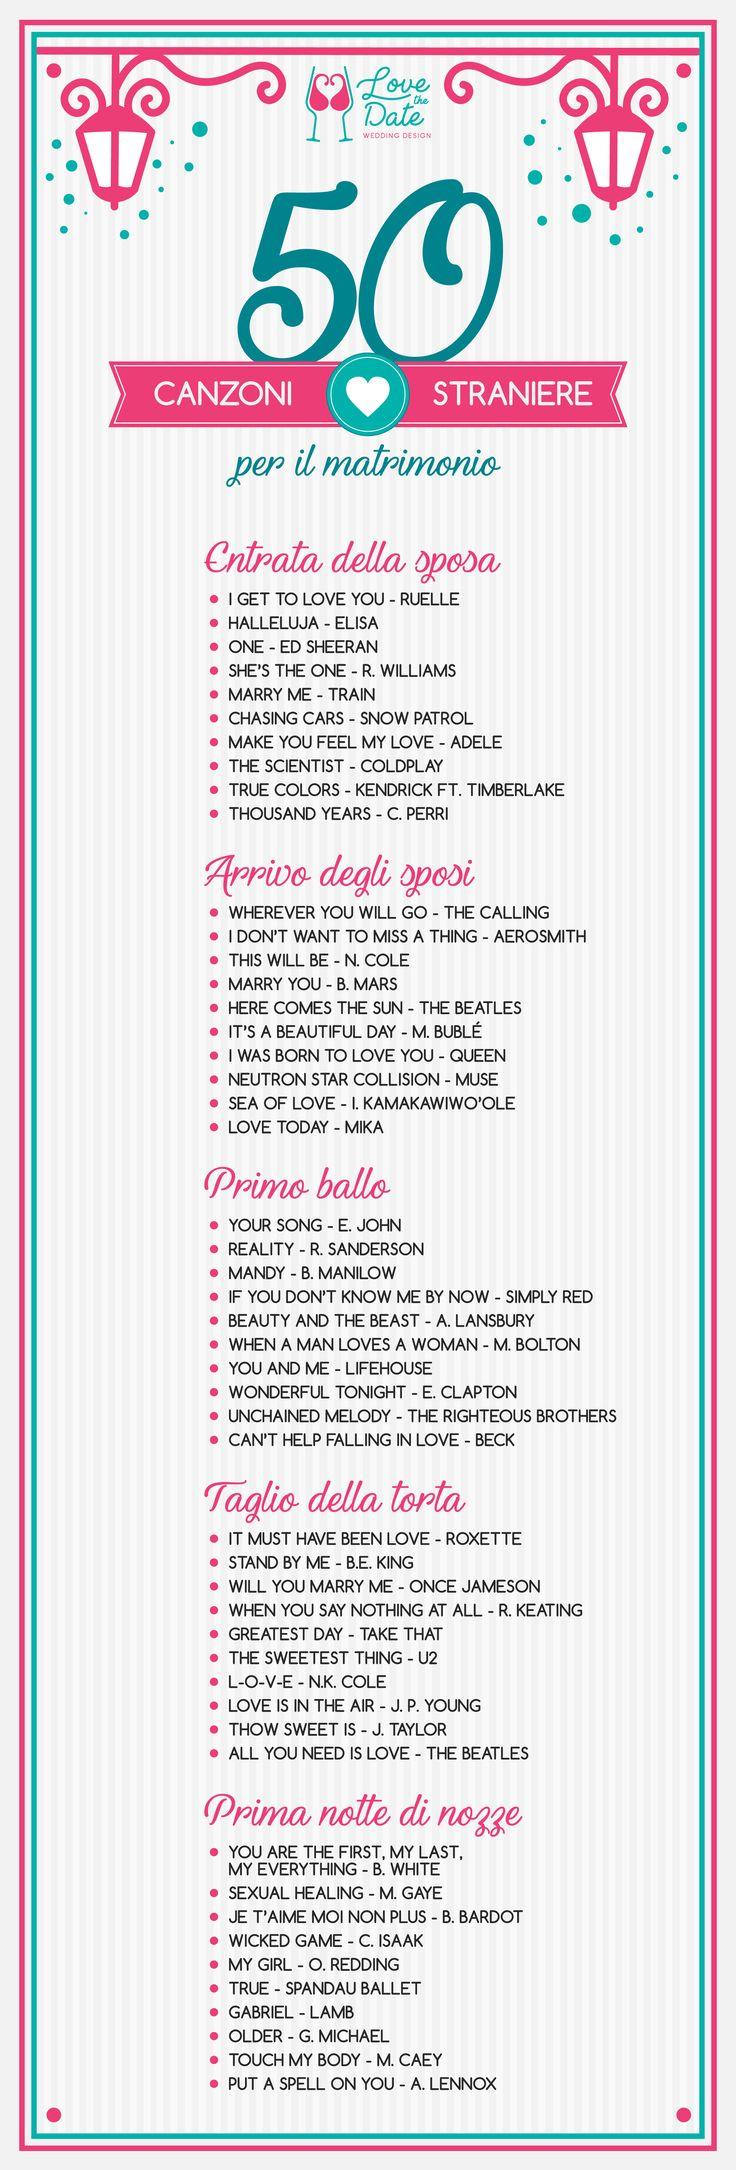 Lista di 50 canzoni d'amore straniere per il matrimonio - entrata della sposa, arrivo degli sposi, primo ballo, taglio della torta, prima notte di nozze